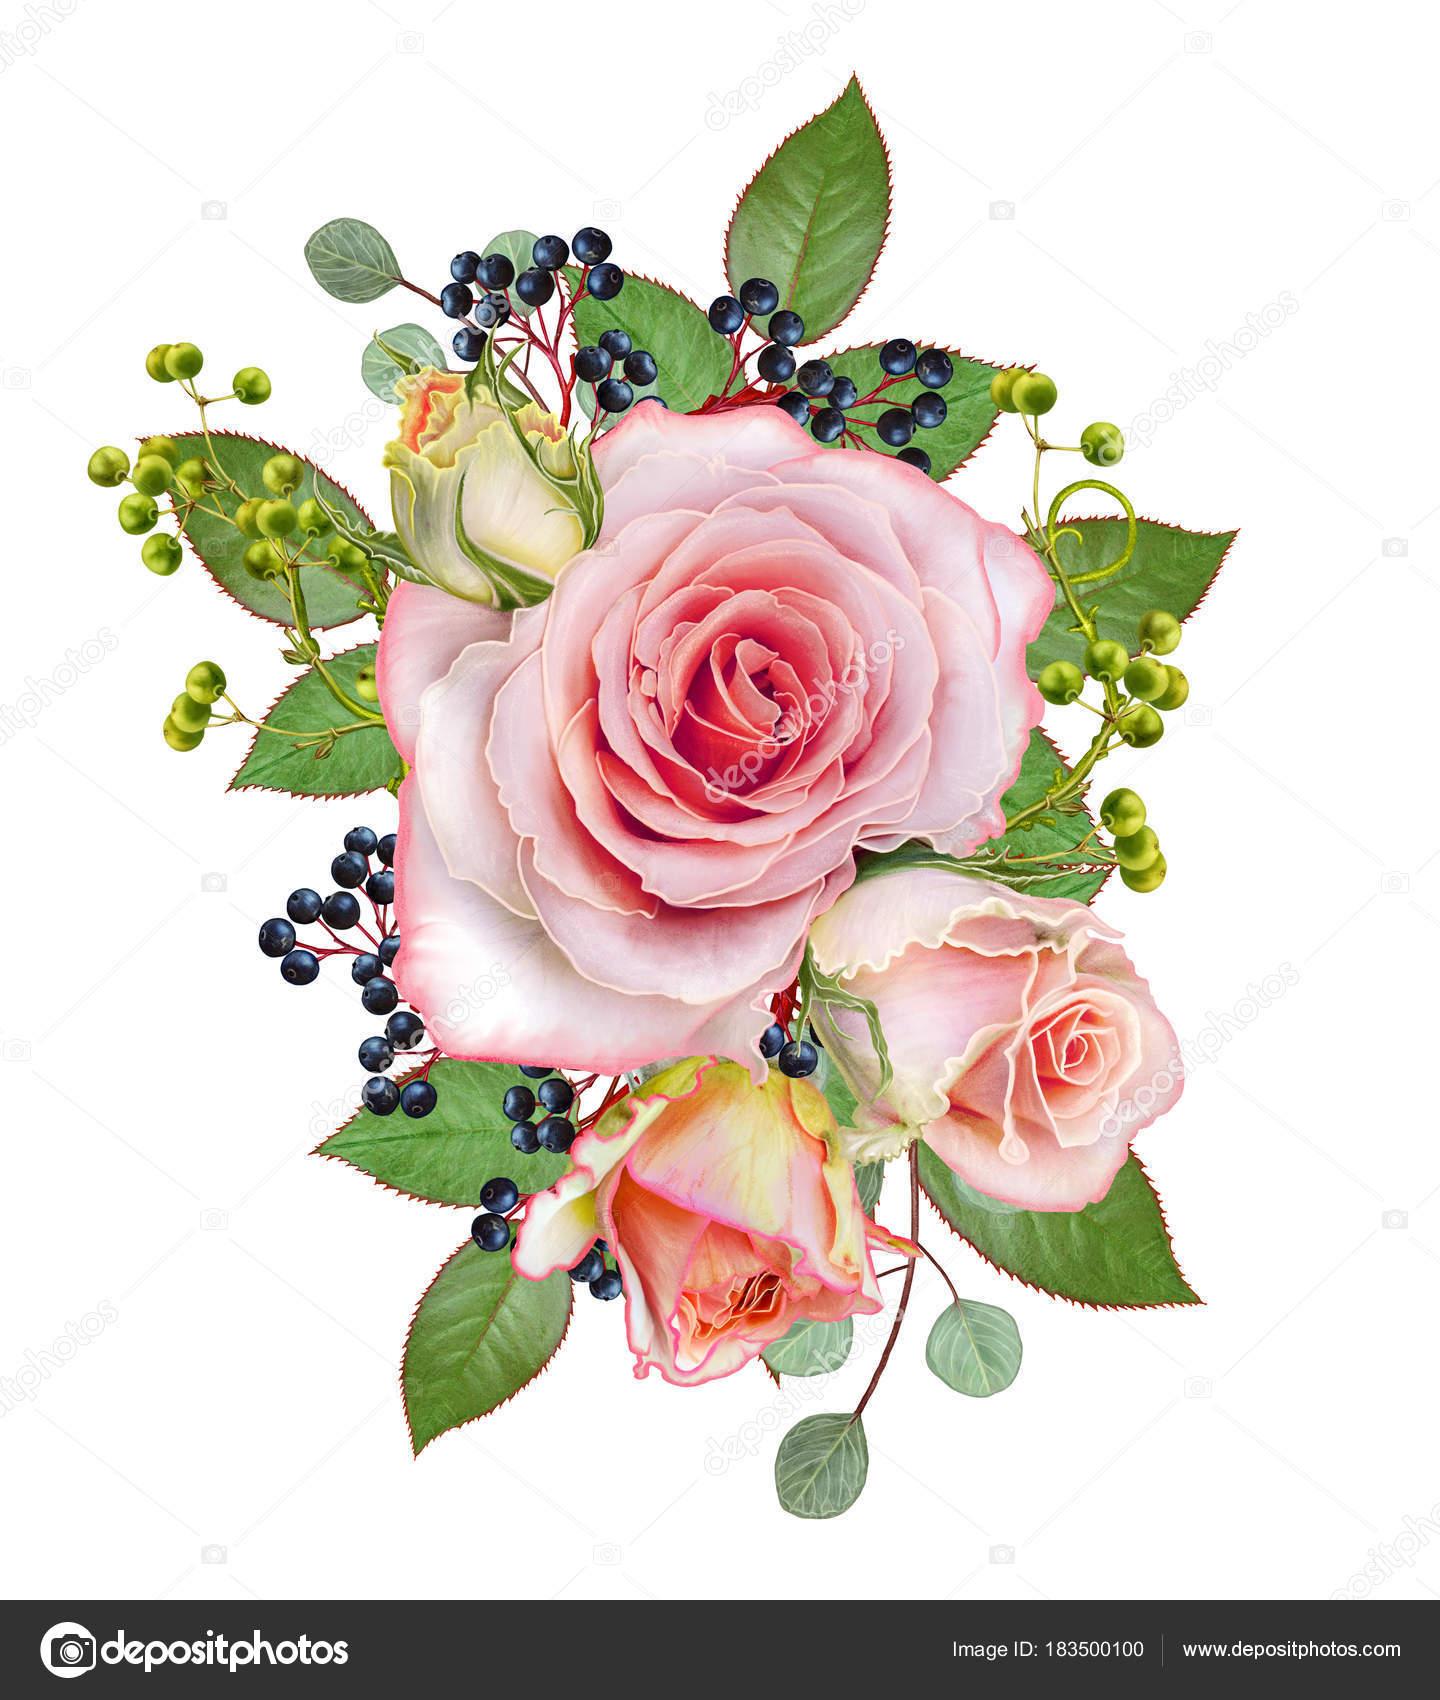 Открытка с благодарностью цветы и ягоды в букете 26